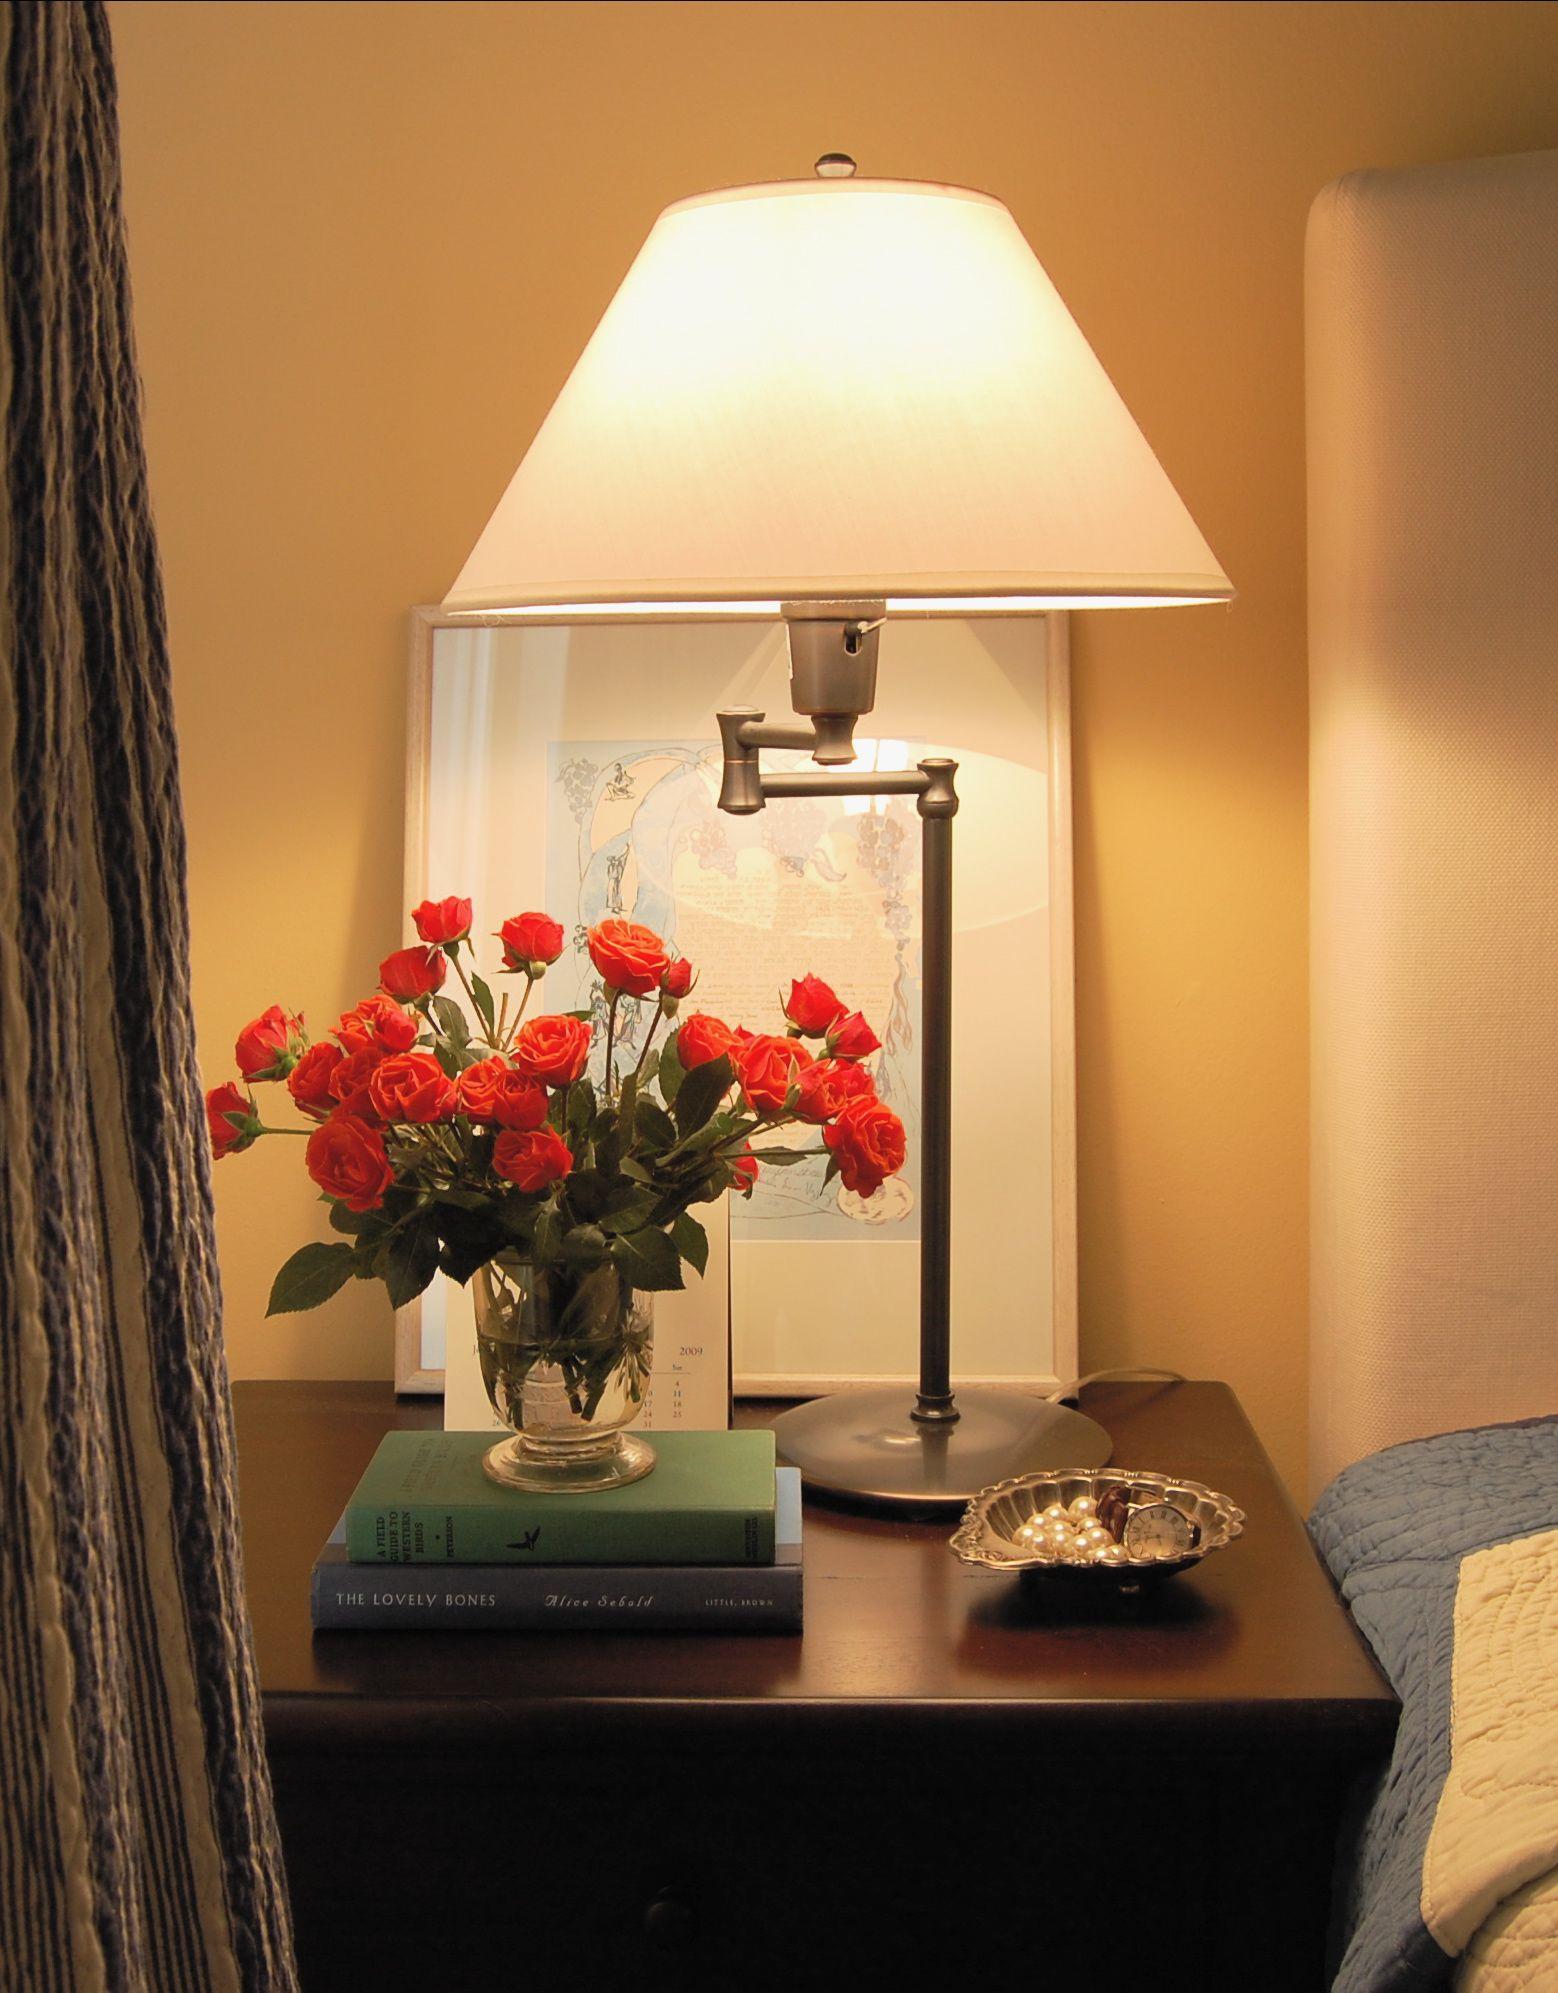 Akzent Lampen Für Schlafzimmer Keramik Tisch Lampen